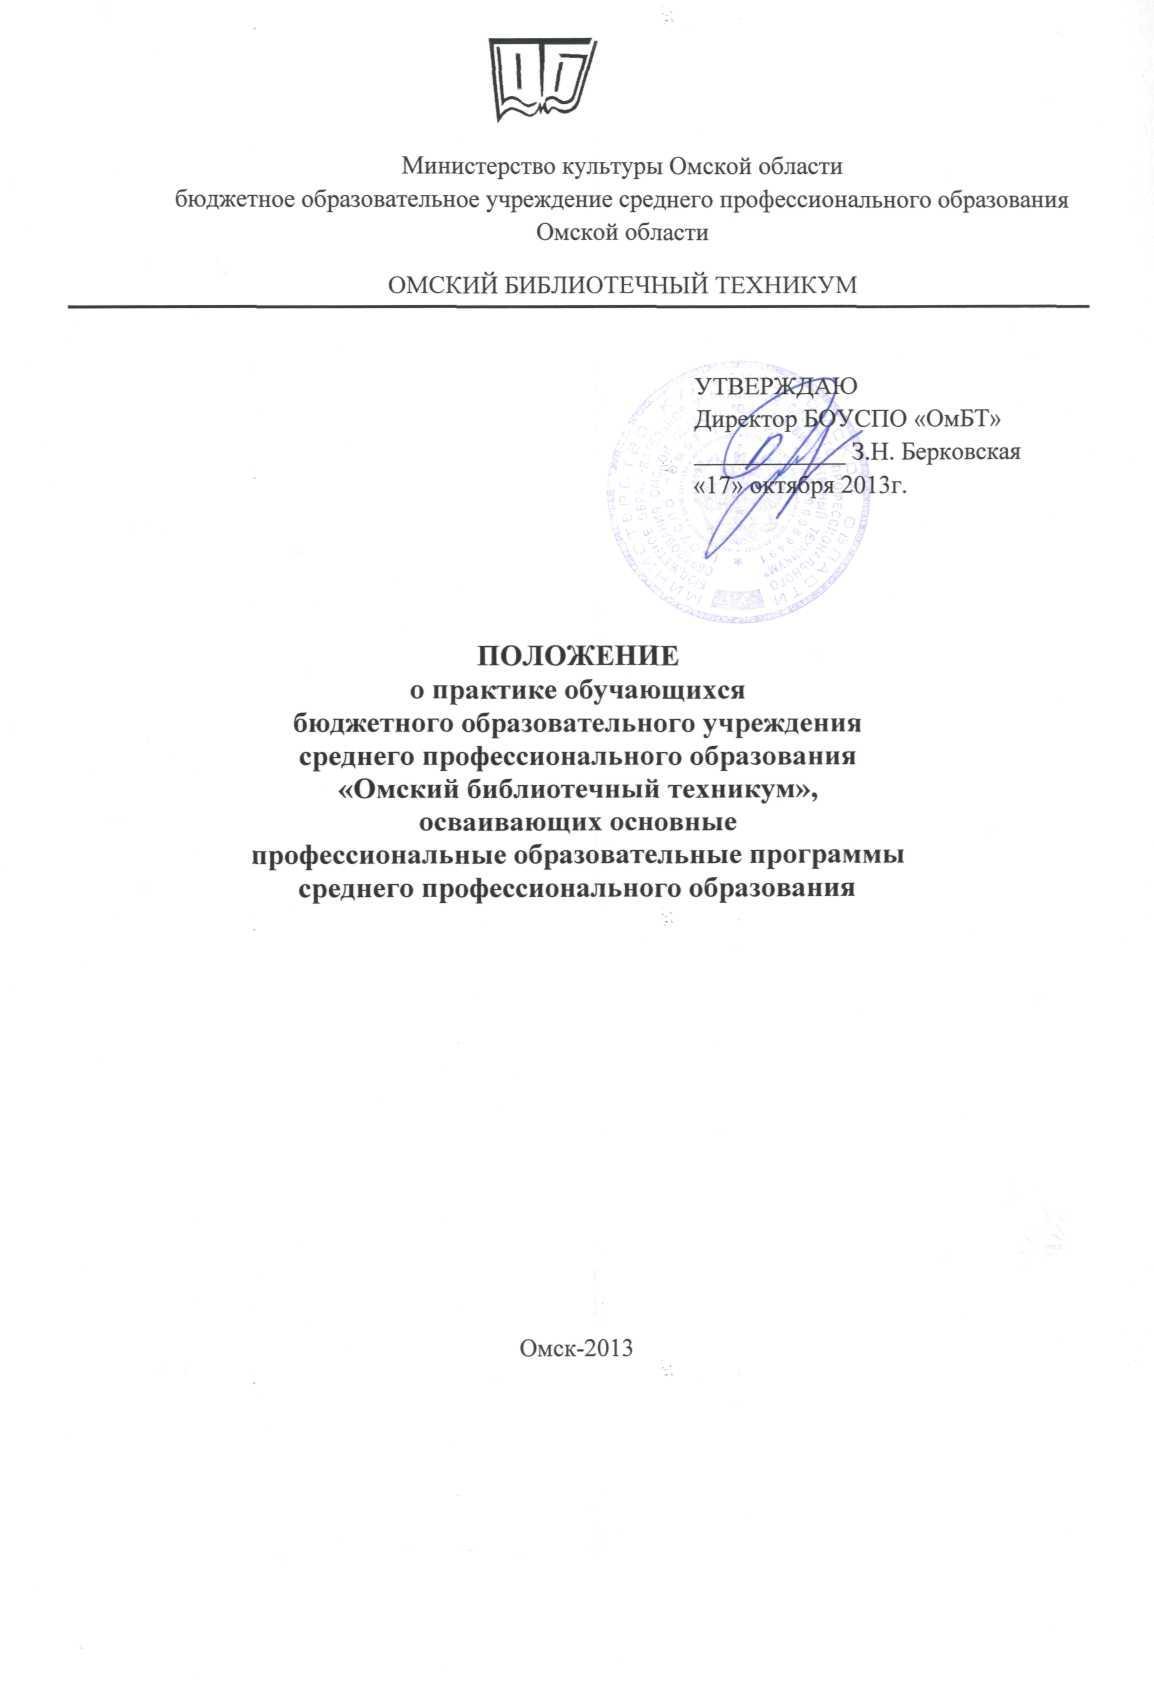 БПОУ Омский библиотечный техникум